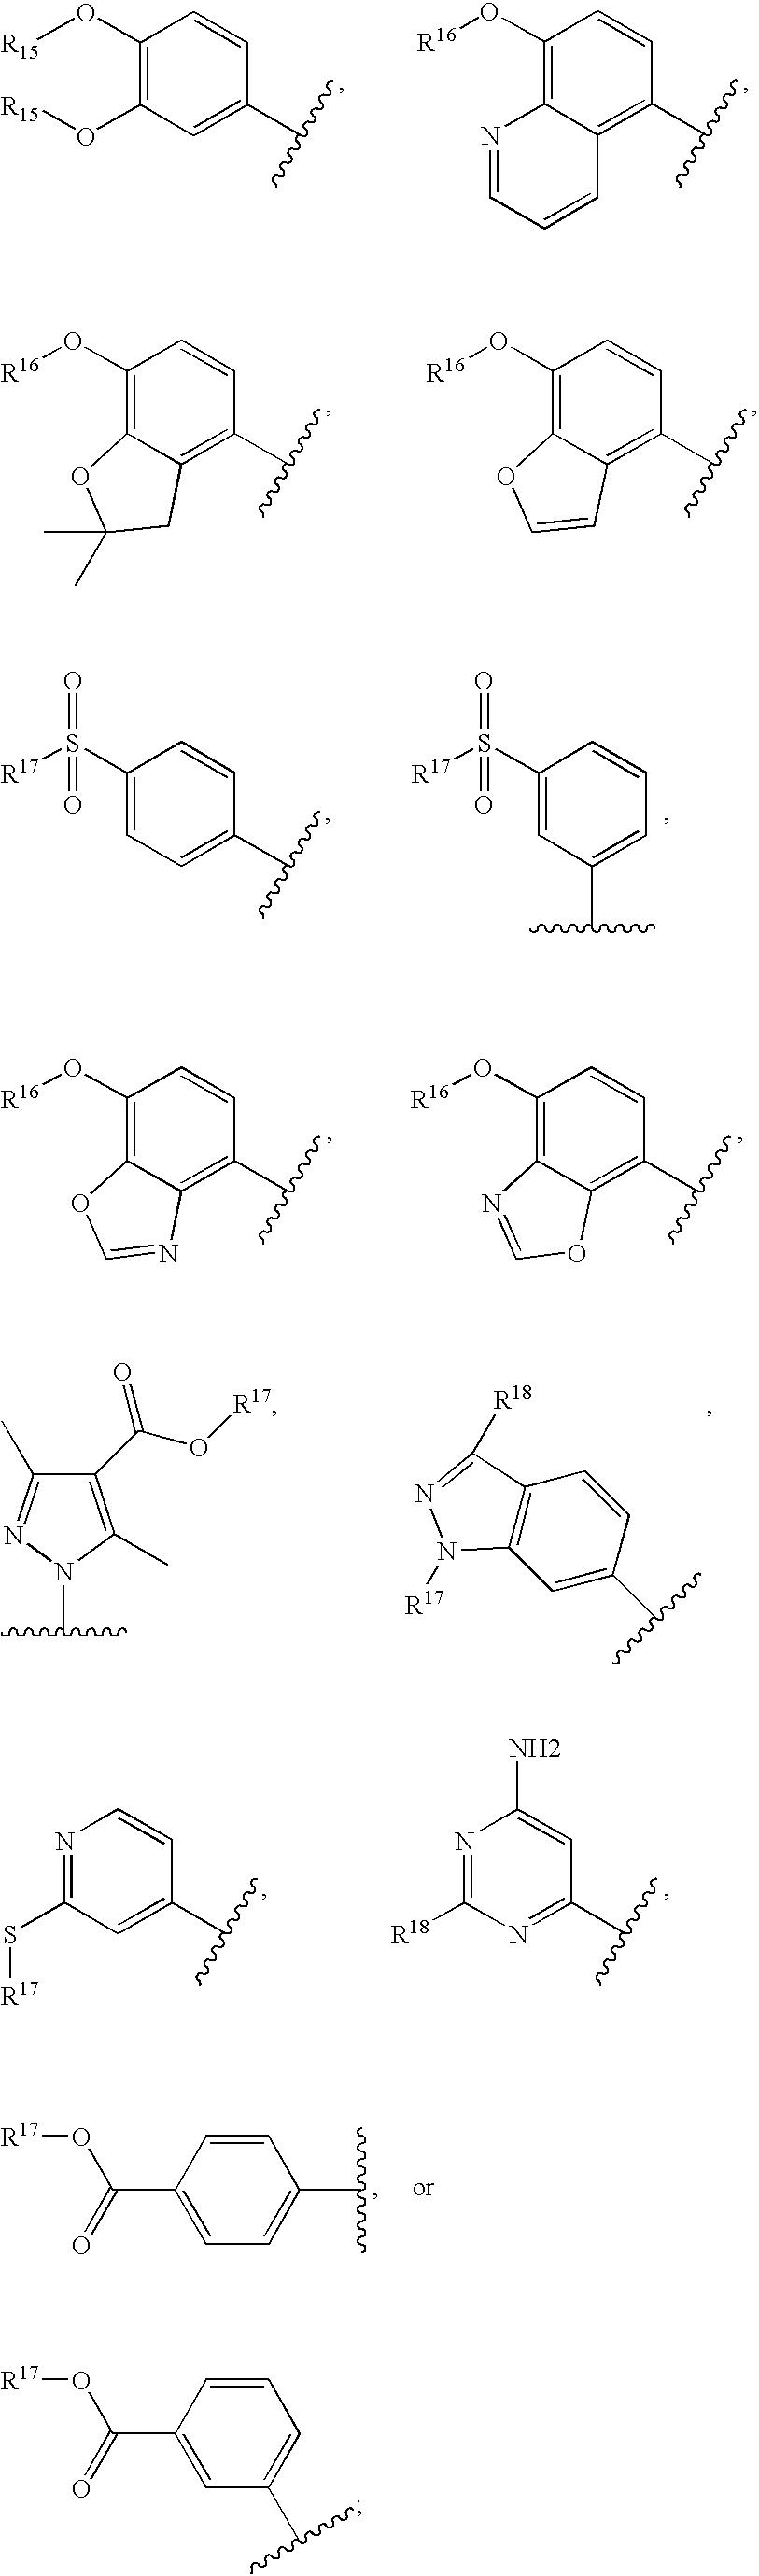 Figure US20060100218A1-20060511-C00015